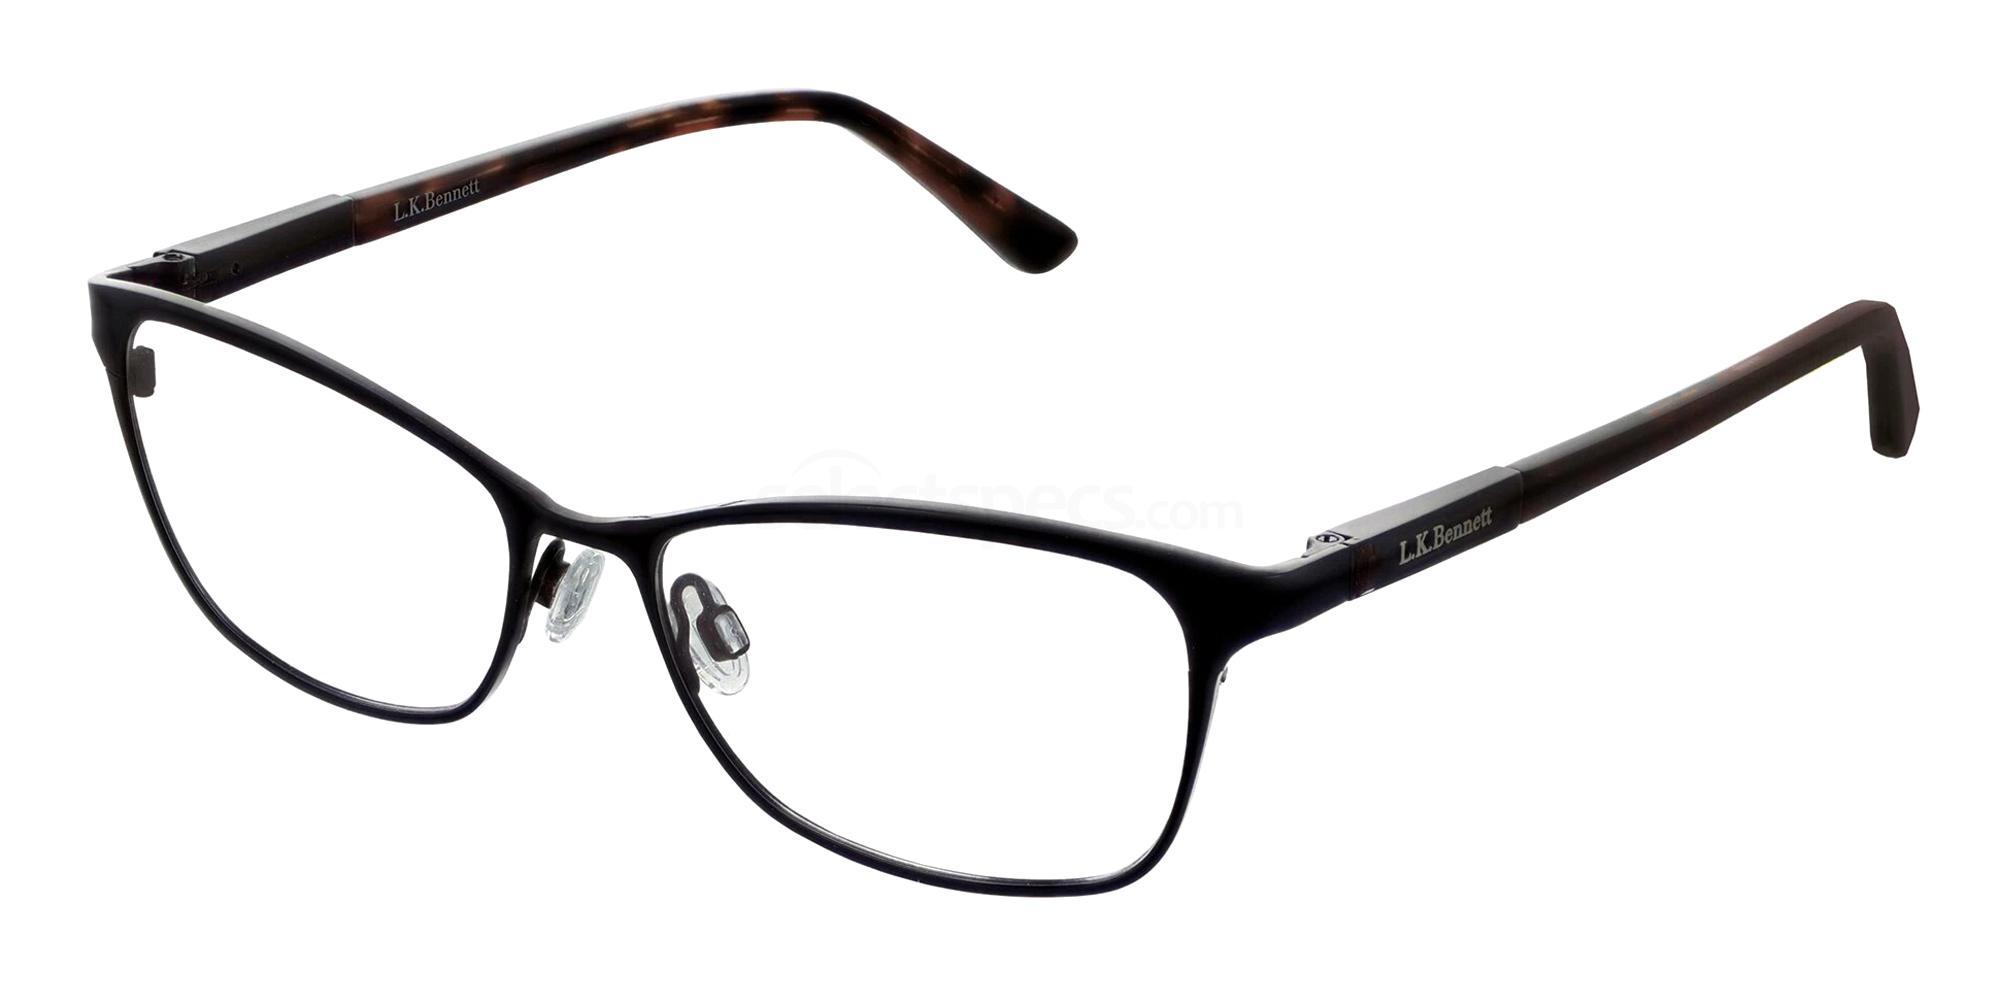 C1 LKB027 Glasses, L.K.Bennett